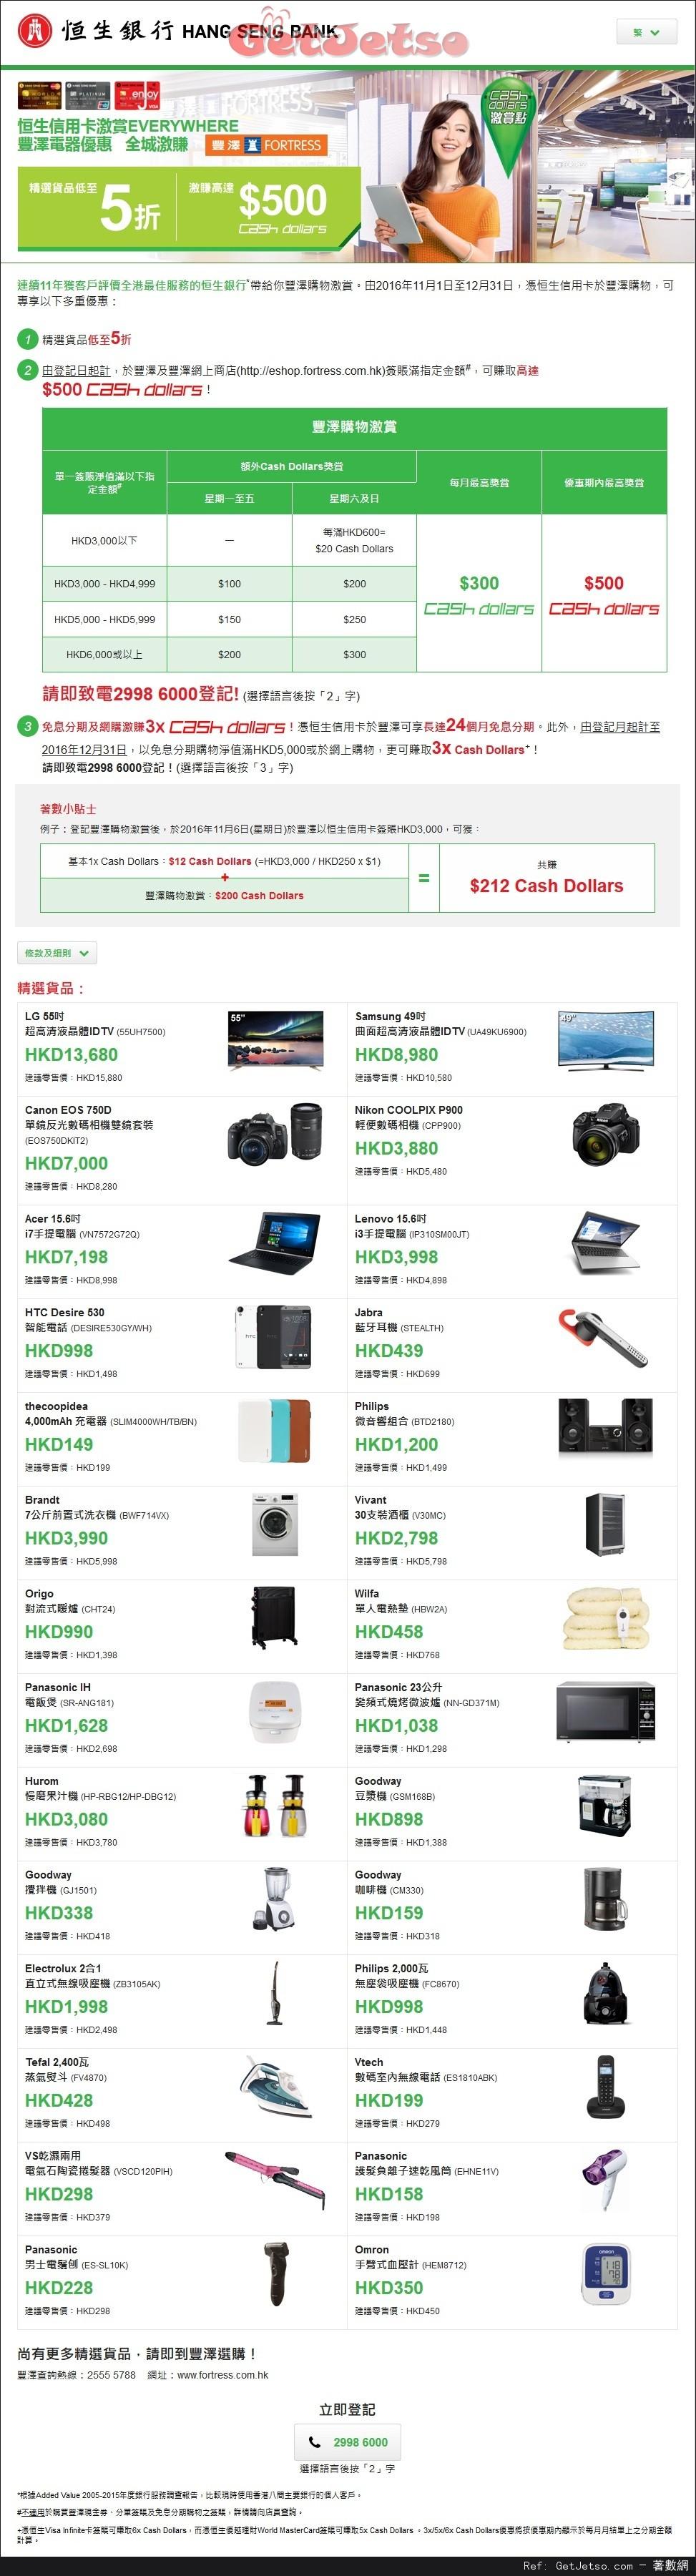 恒生信用卡享豐澤電器精選貨品低至5折優惠(至16年12月31日)圖片1